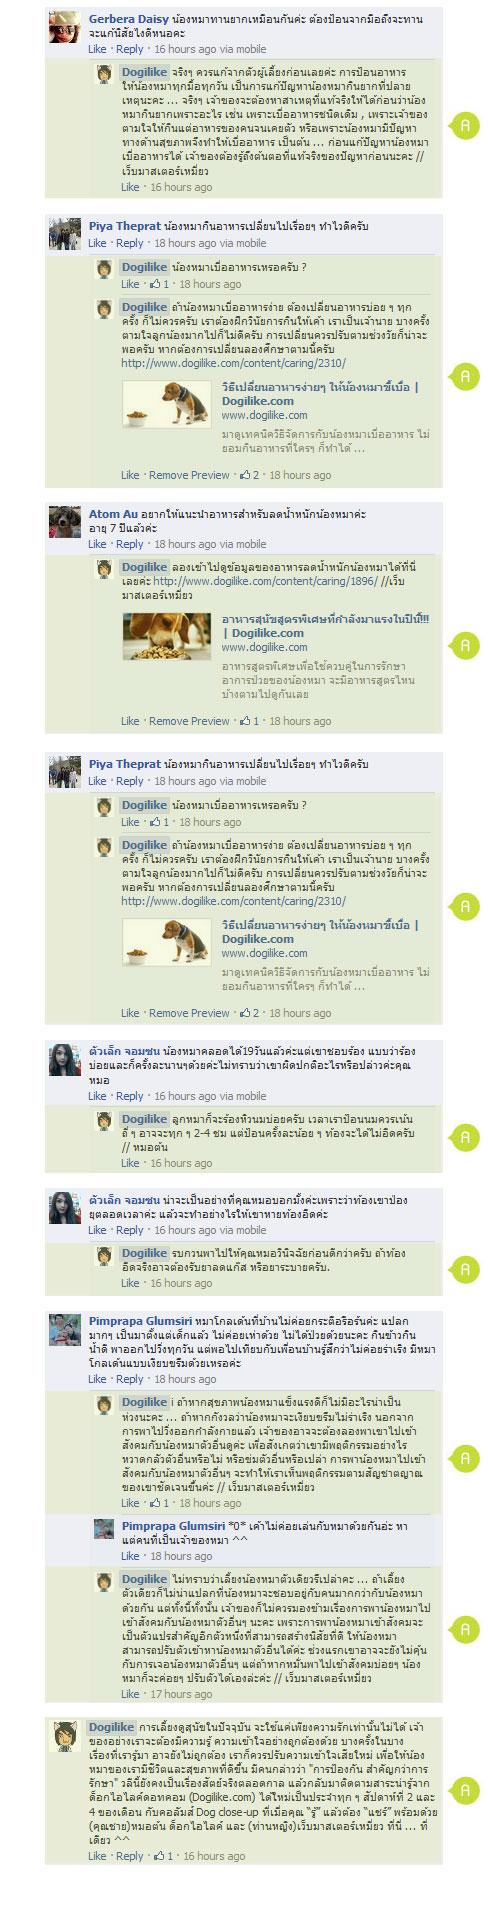 dogilke, dog close-up, หมอ, สัตวแพทย์, คำถาม, สุนัข, ข้อสงสัย, หมอต้น, พี่มะเหมี่ยว, infographic, บทความ, dog close-up, infographic,กำจัดเห็บม, พิษสุนัขบ้า, ขี้เรื้อน, ฉีดวัคซีน